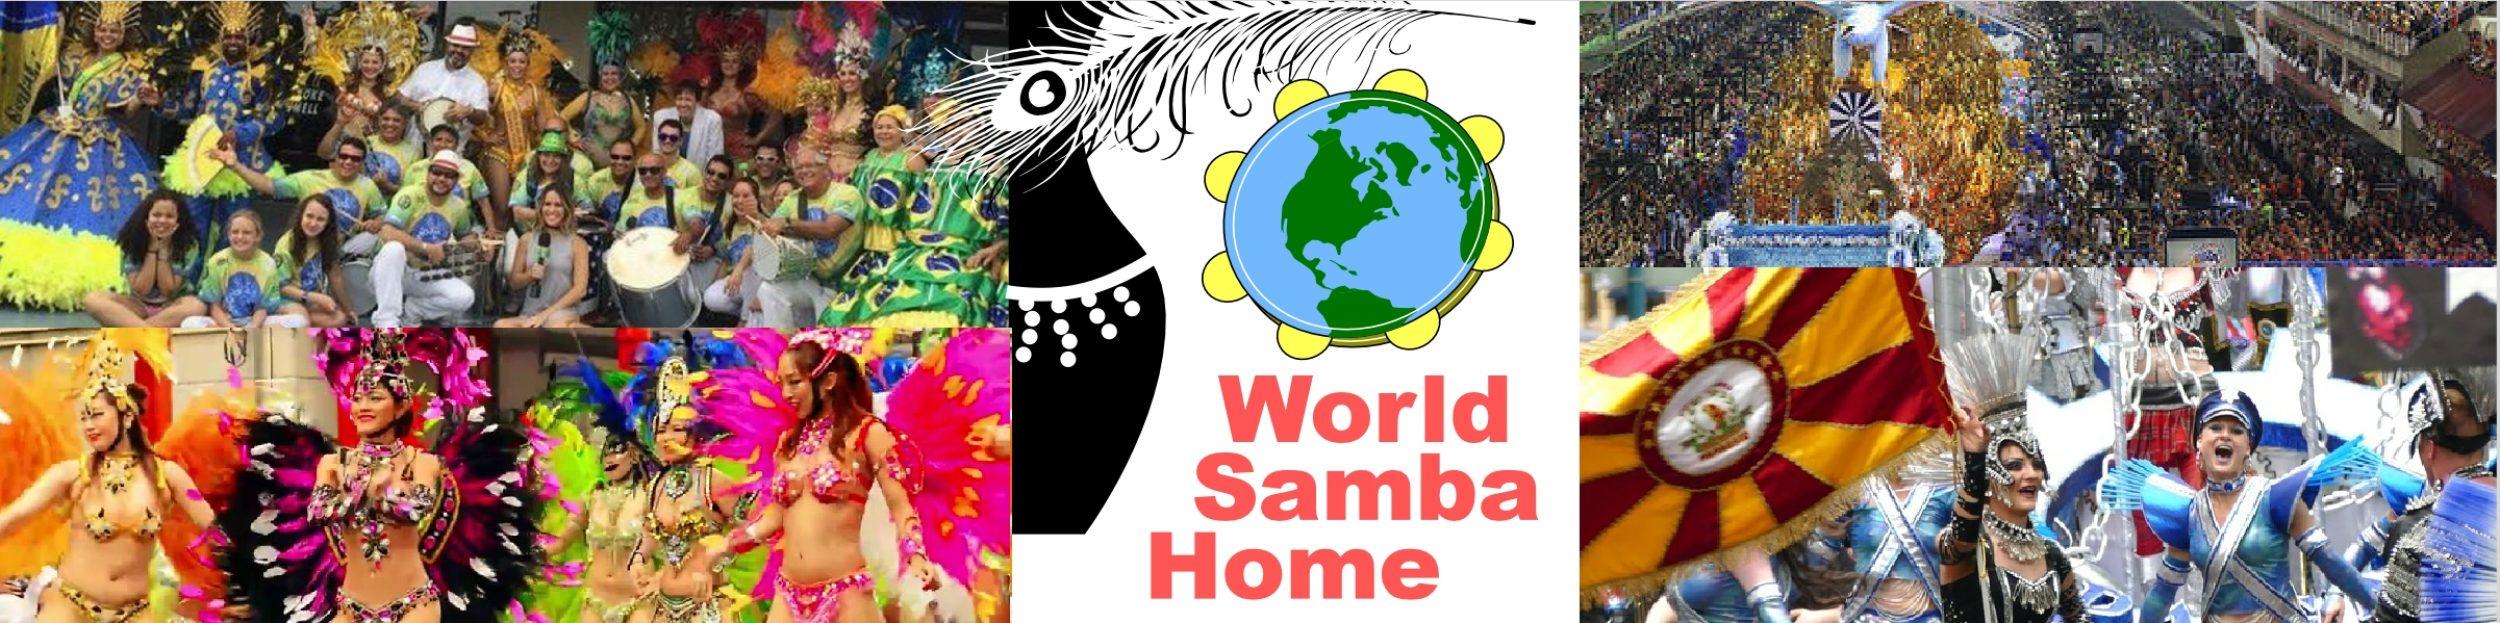 World Samba